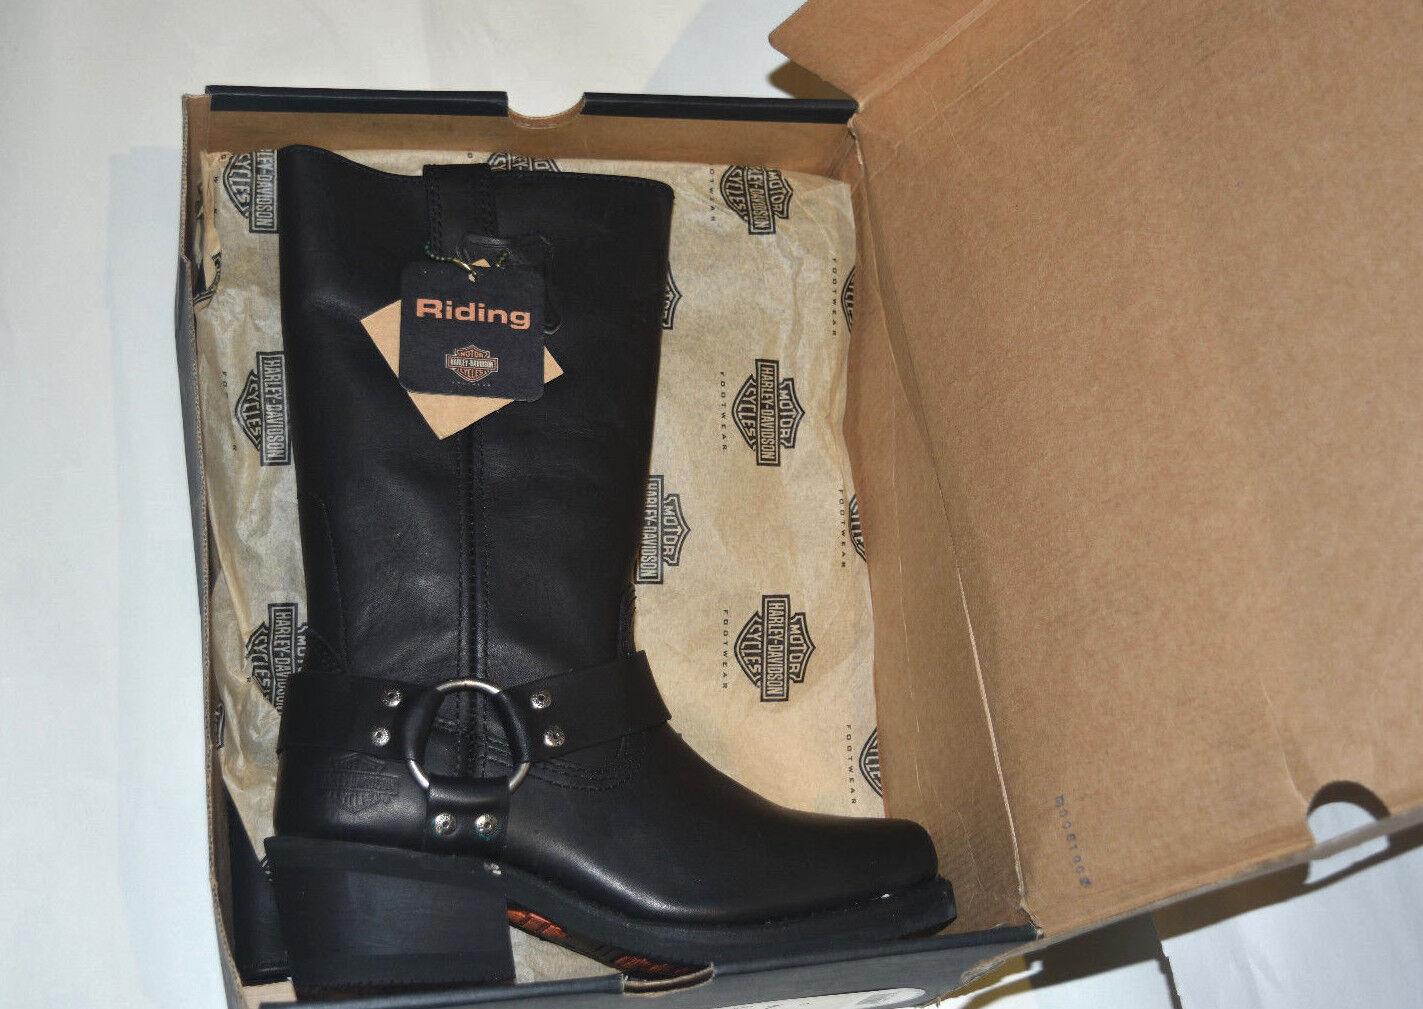 Nuevo En Caja 85354 Harley-Davidson Hustin Montar Tire de arnés Mujeres botas De Montar Hustin 7 c71350